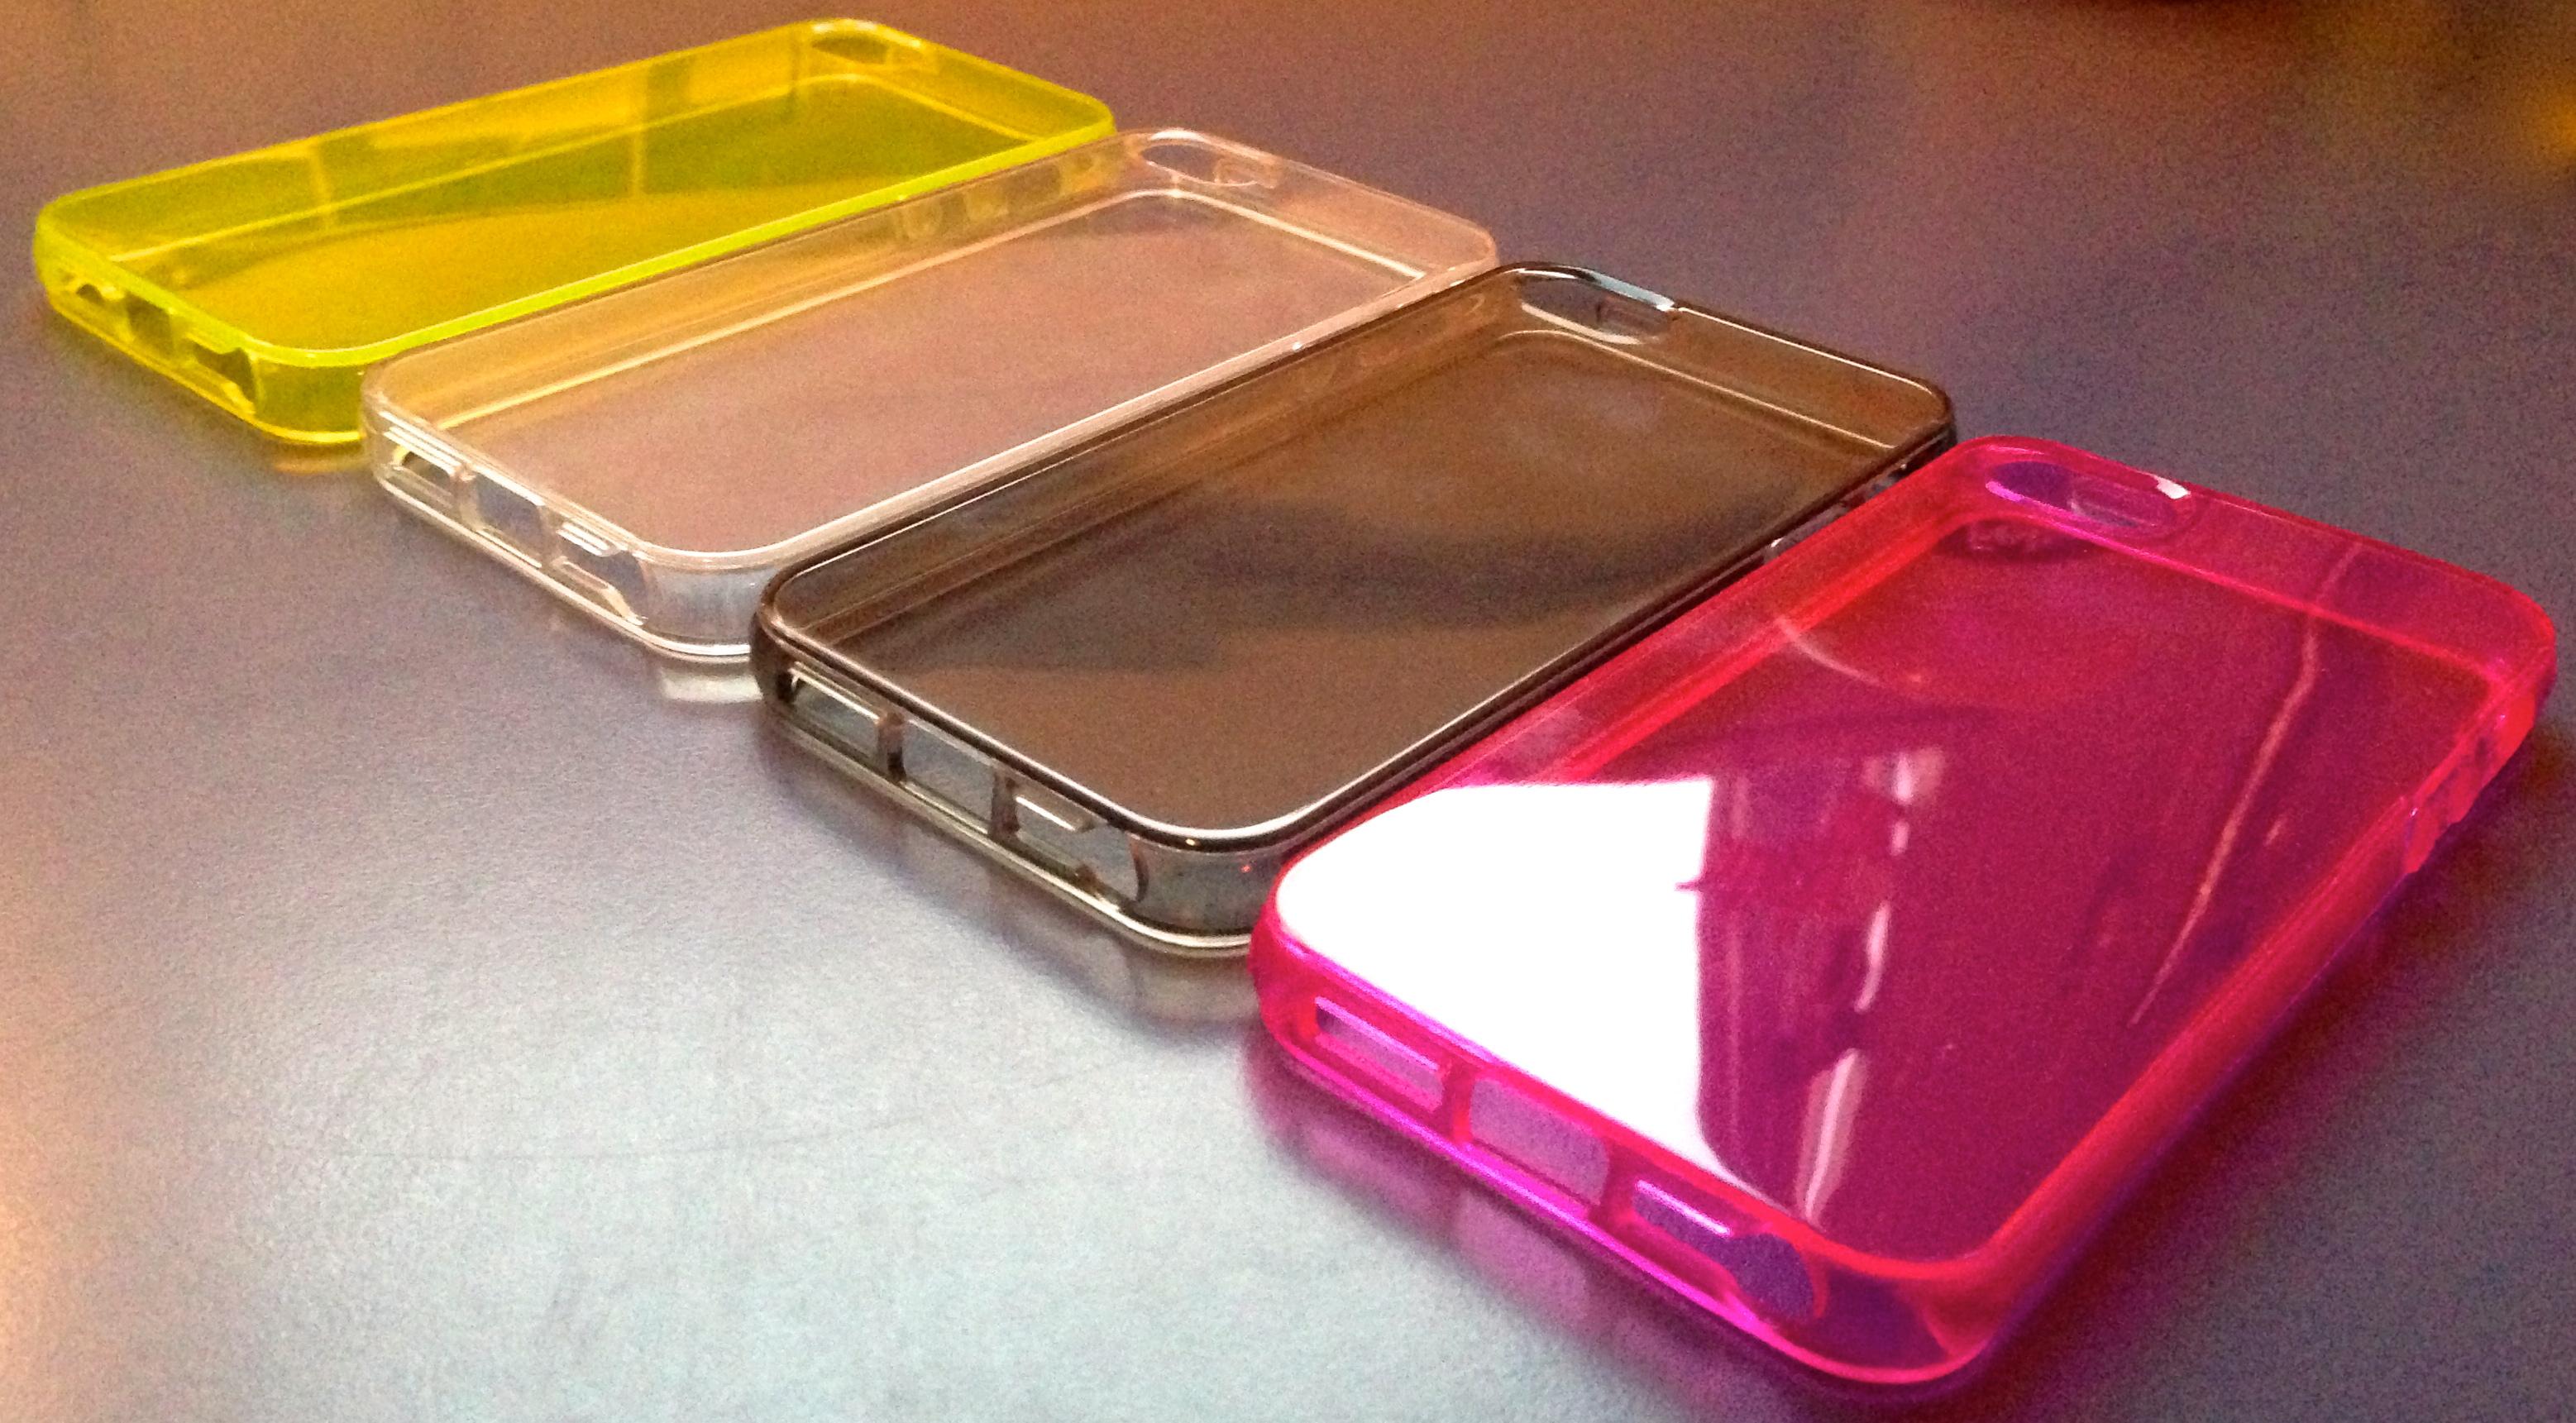 Custodia trasparente colorata per iPhone 5 CoverStyle: recensione + CODICE SCONTO   iSpazio Product Review